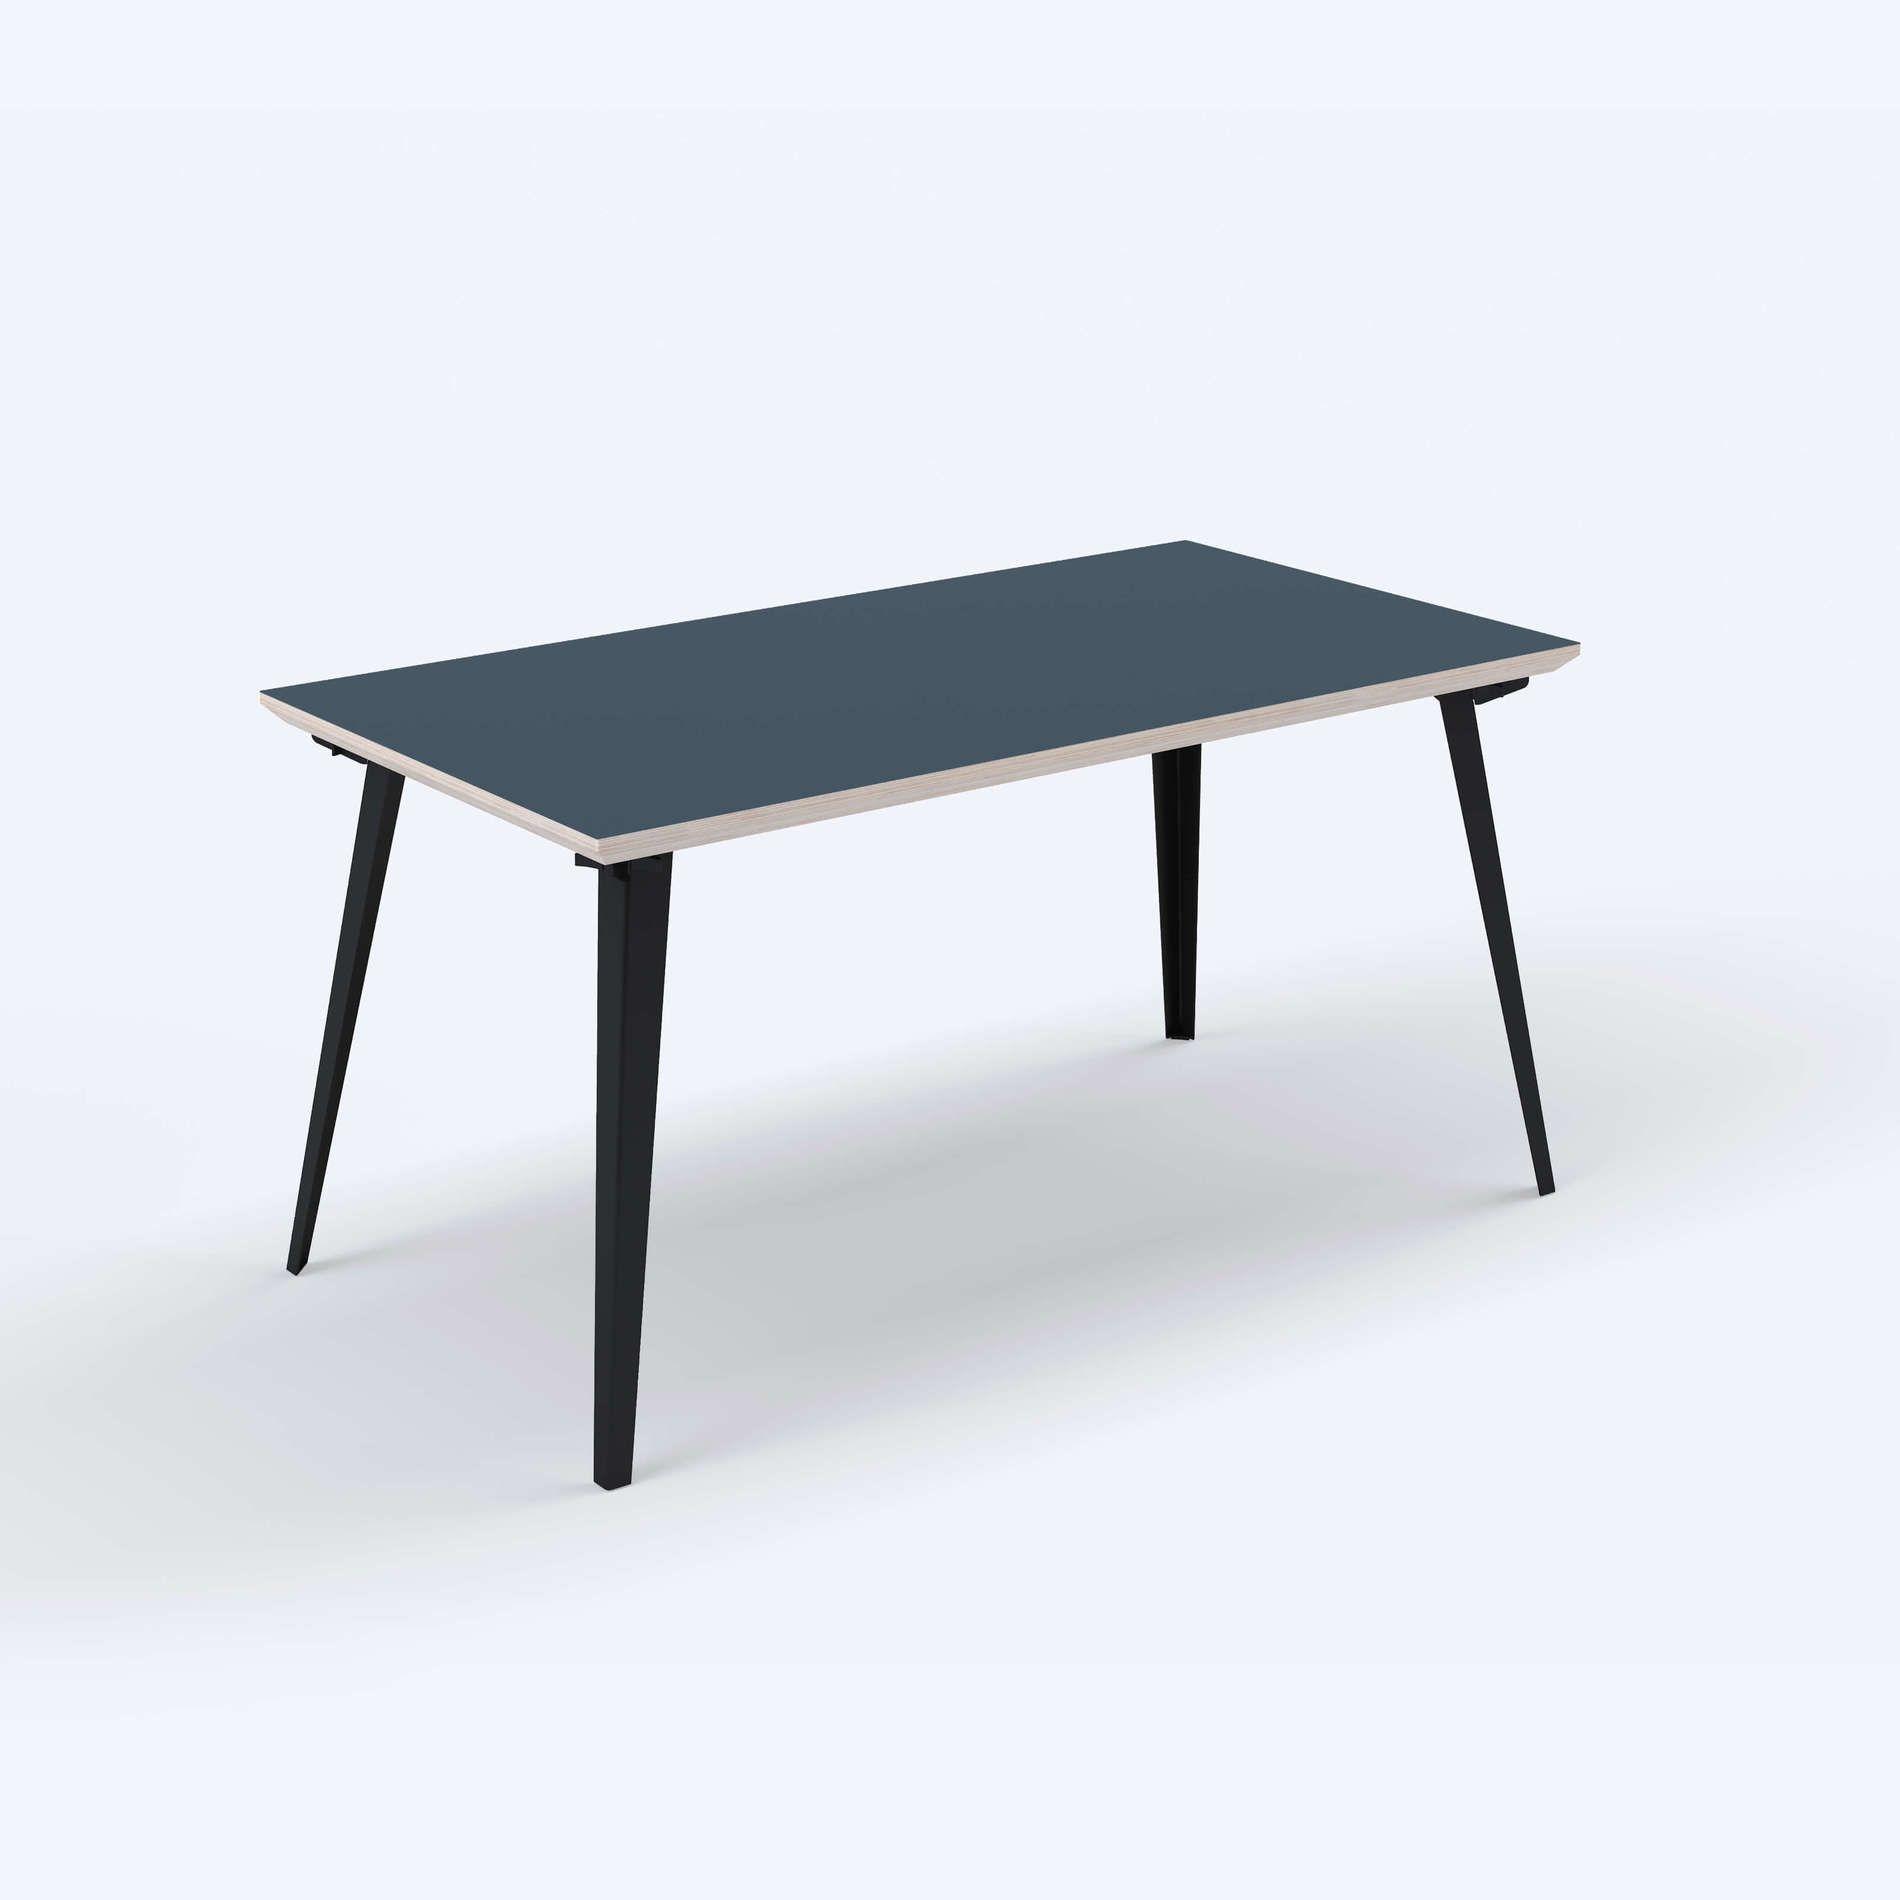 The Table Floyd Floyd Table Dining Table Modern Dining Table